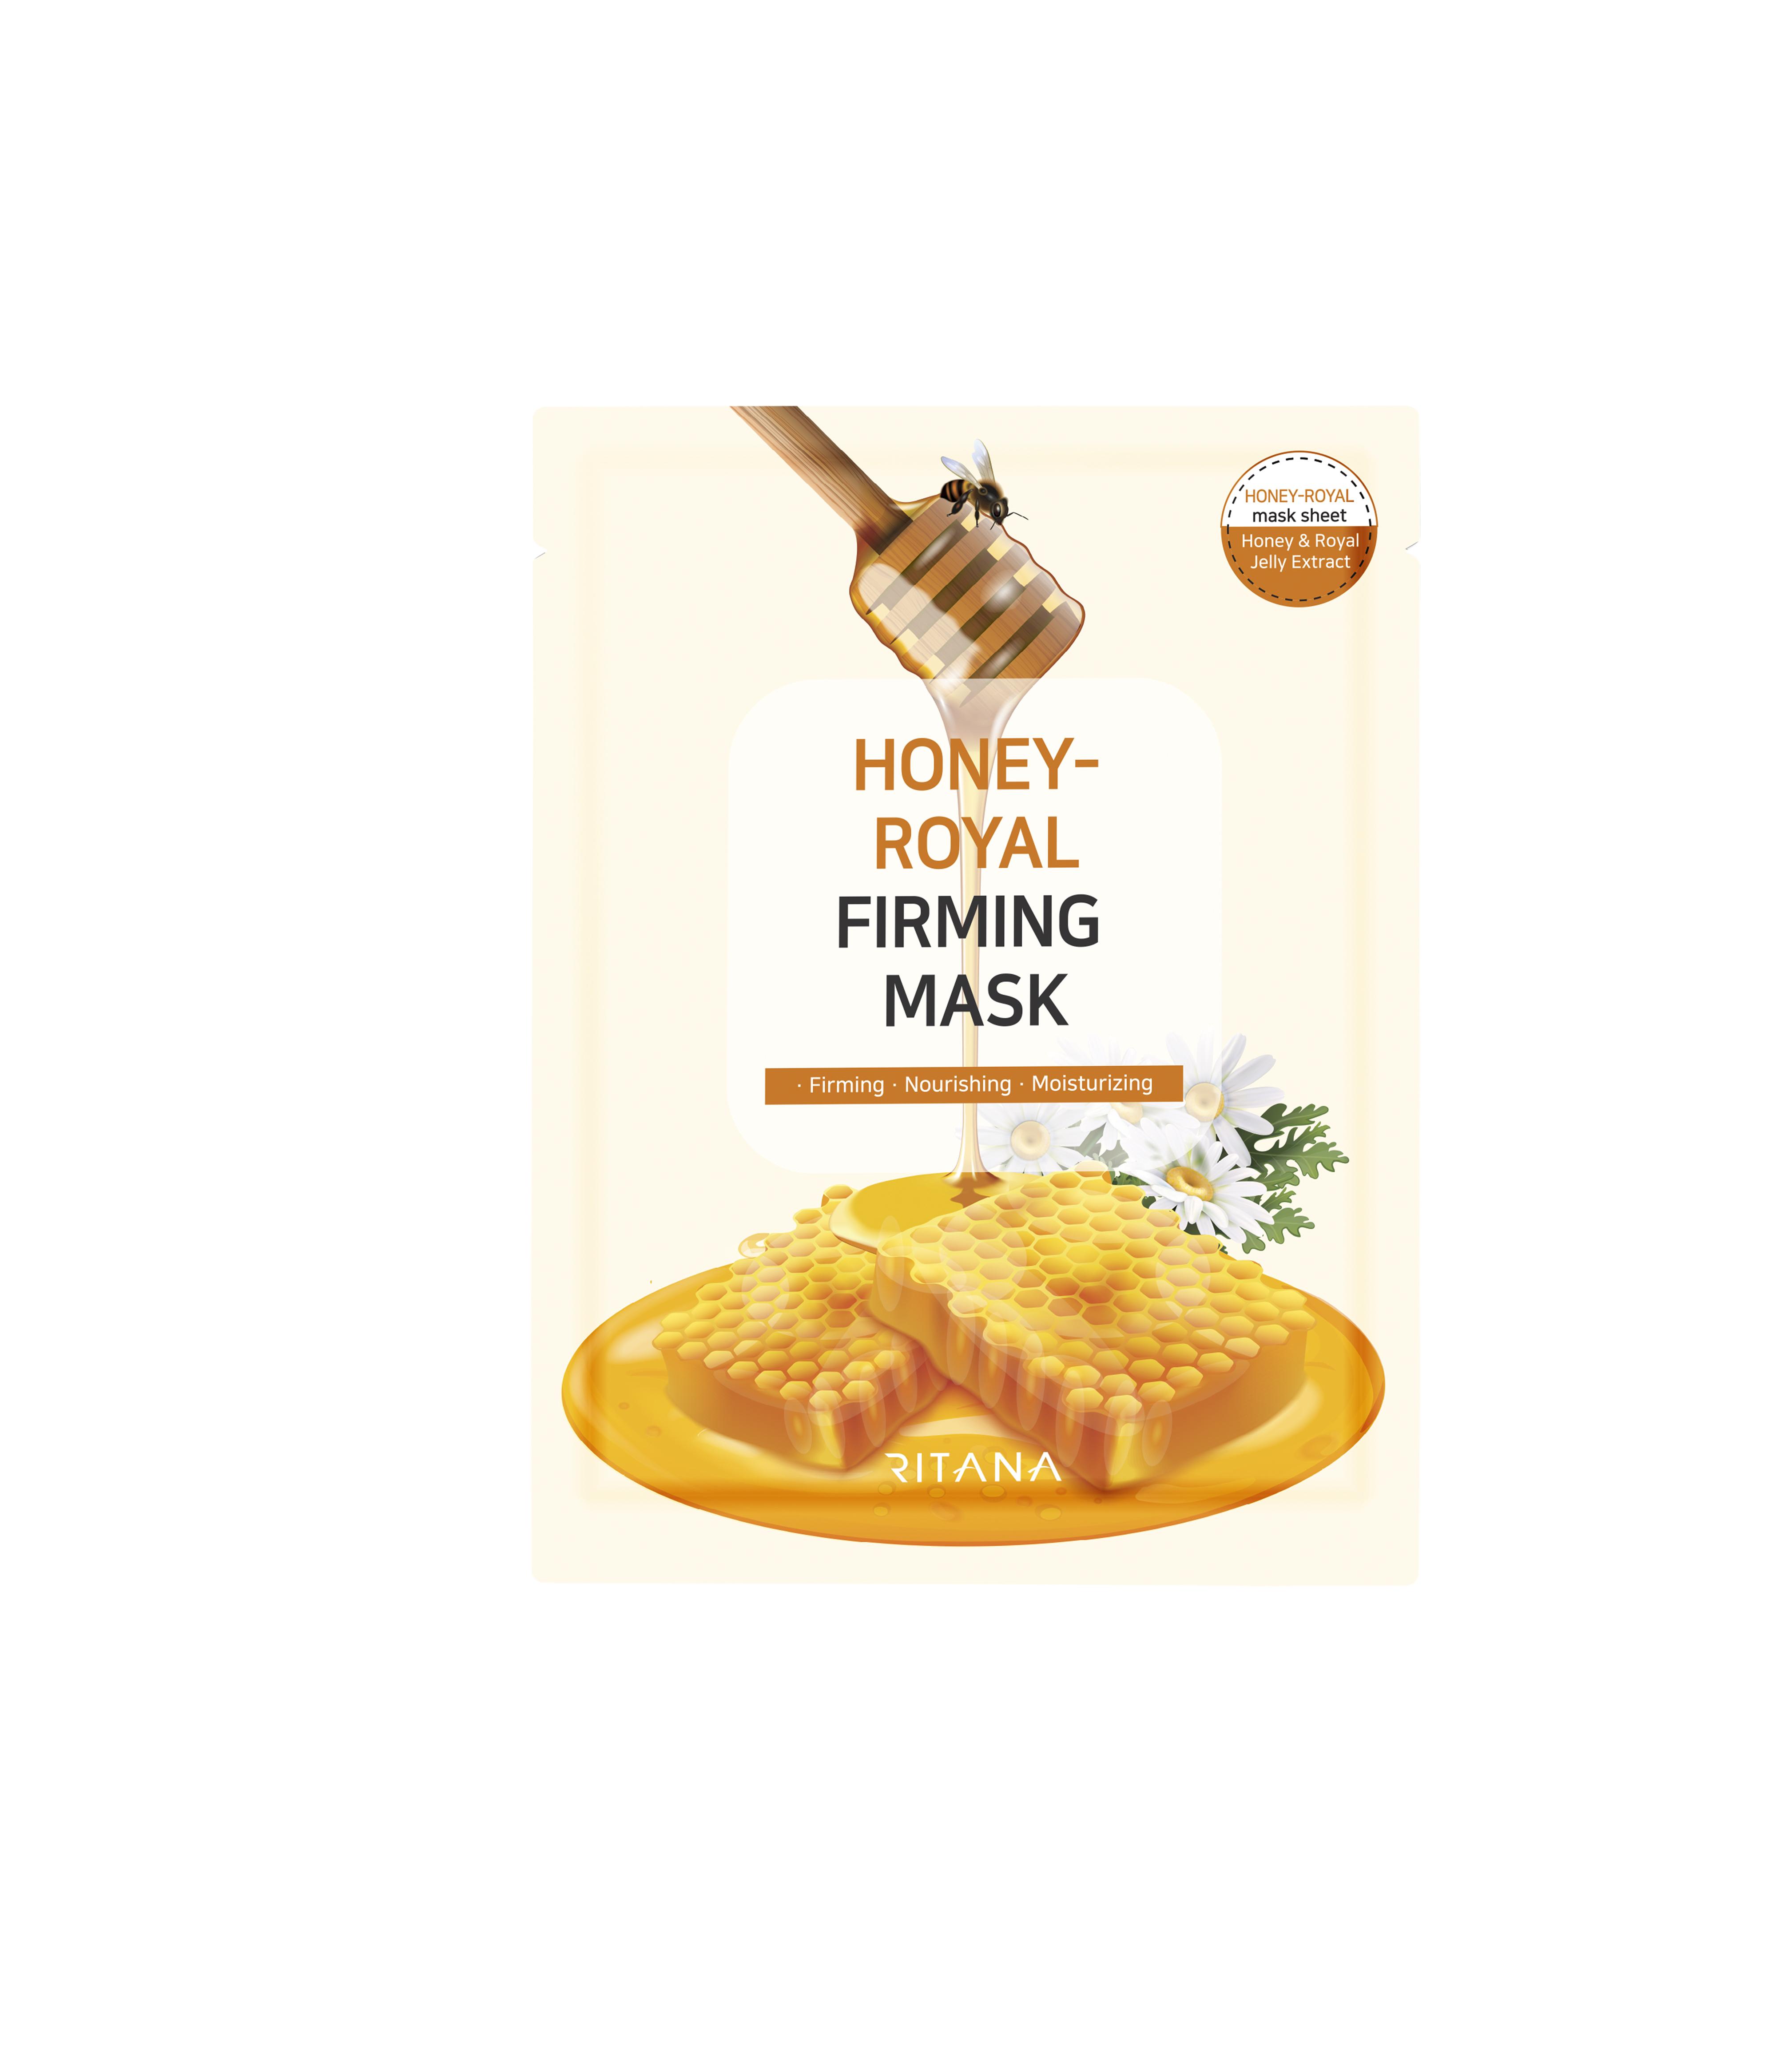 【10枚】リタナ ハニーローヤル ファーミング マスク 10枚